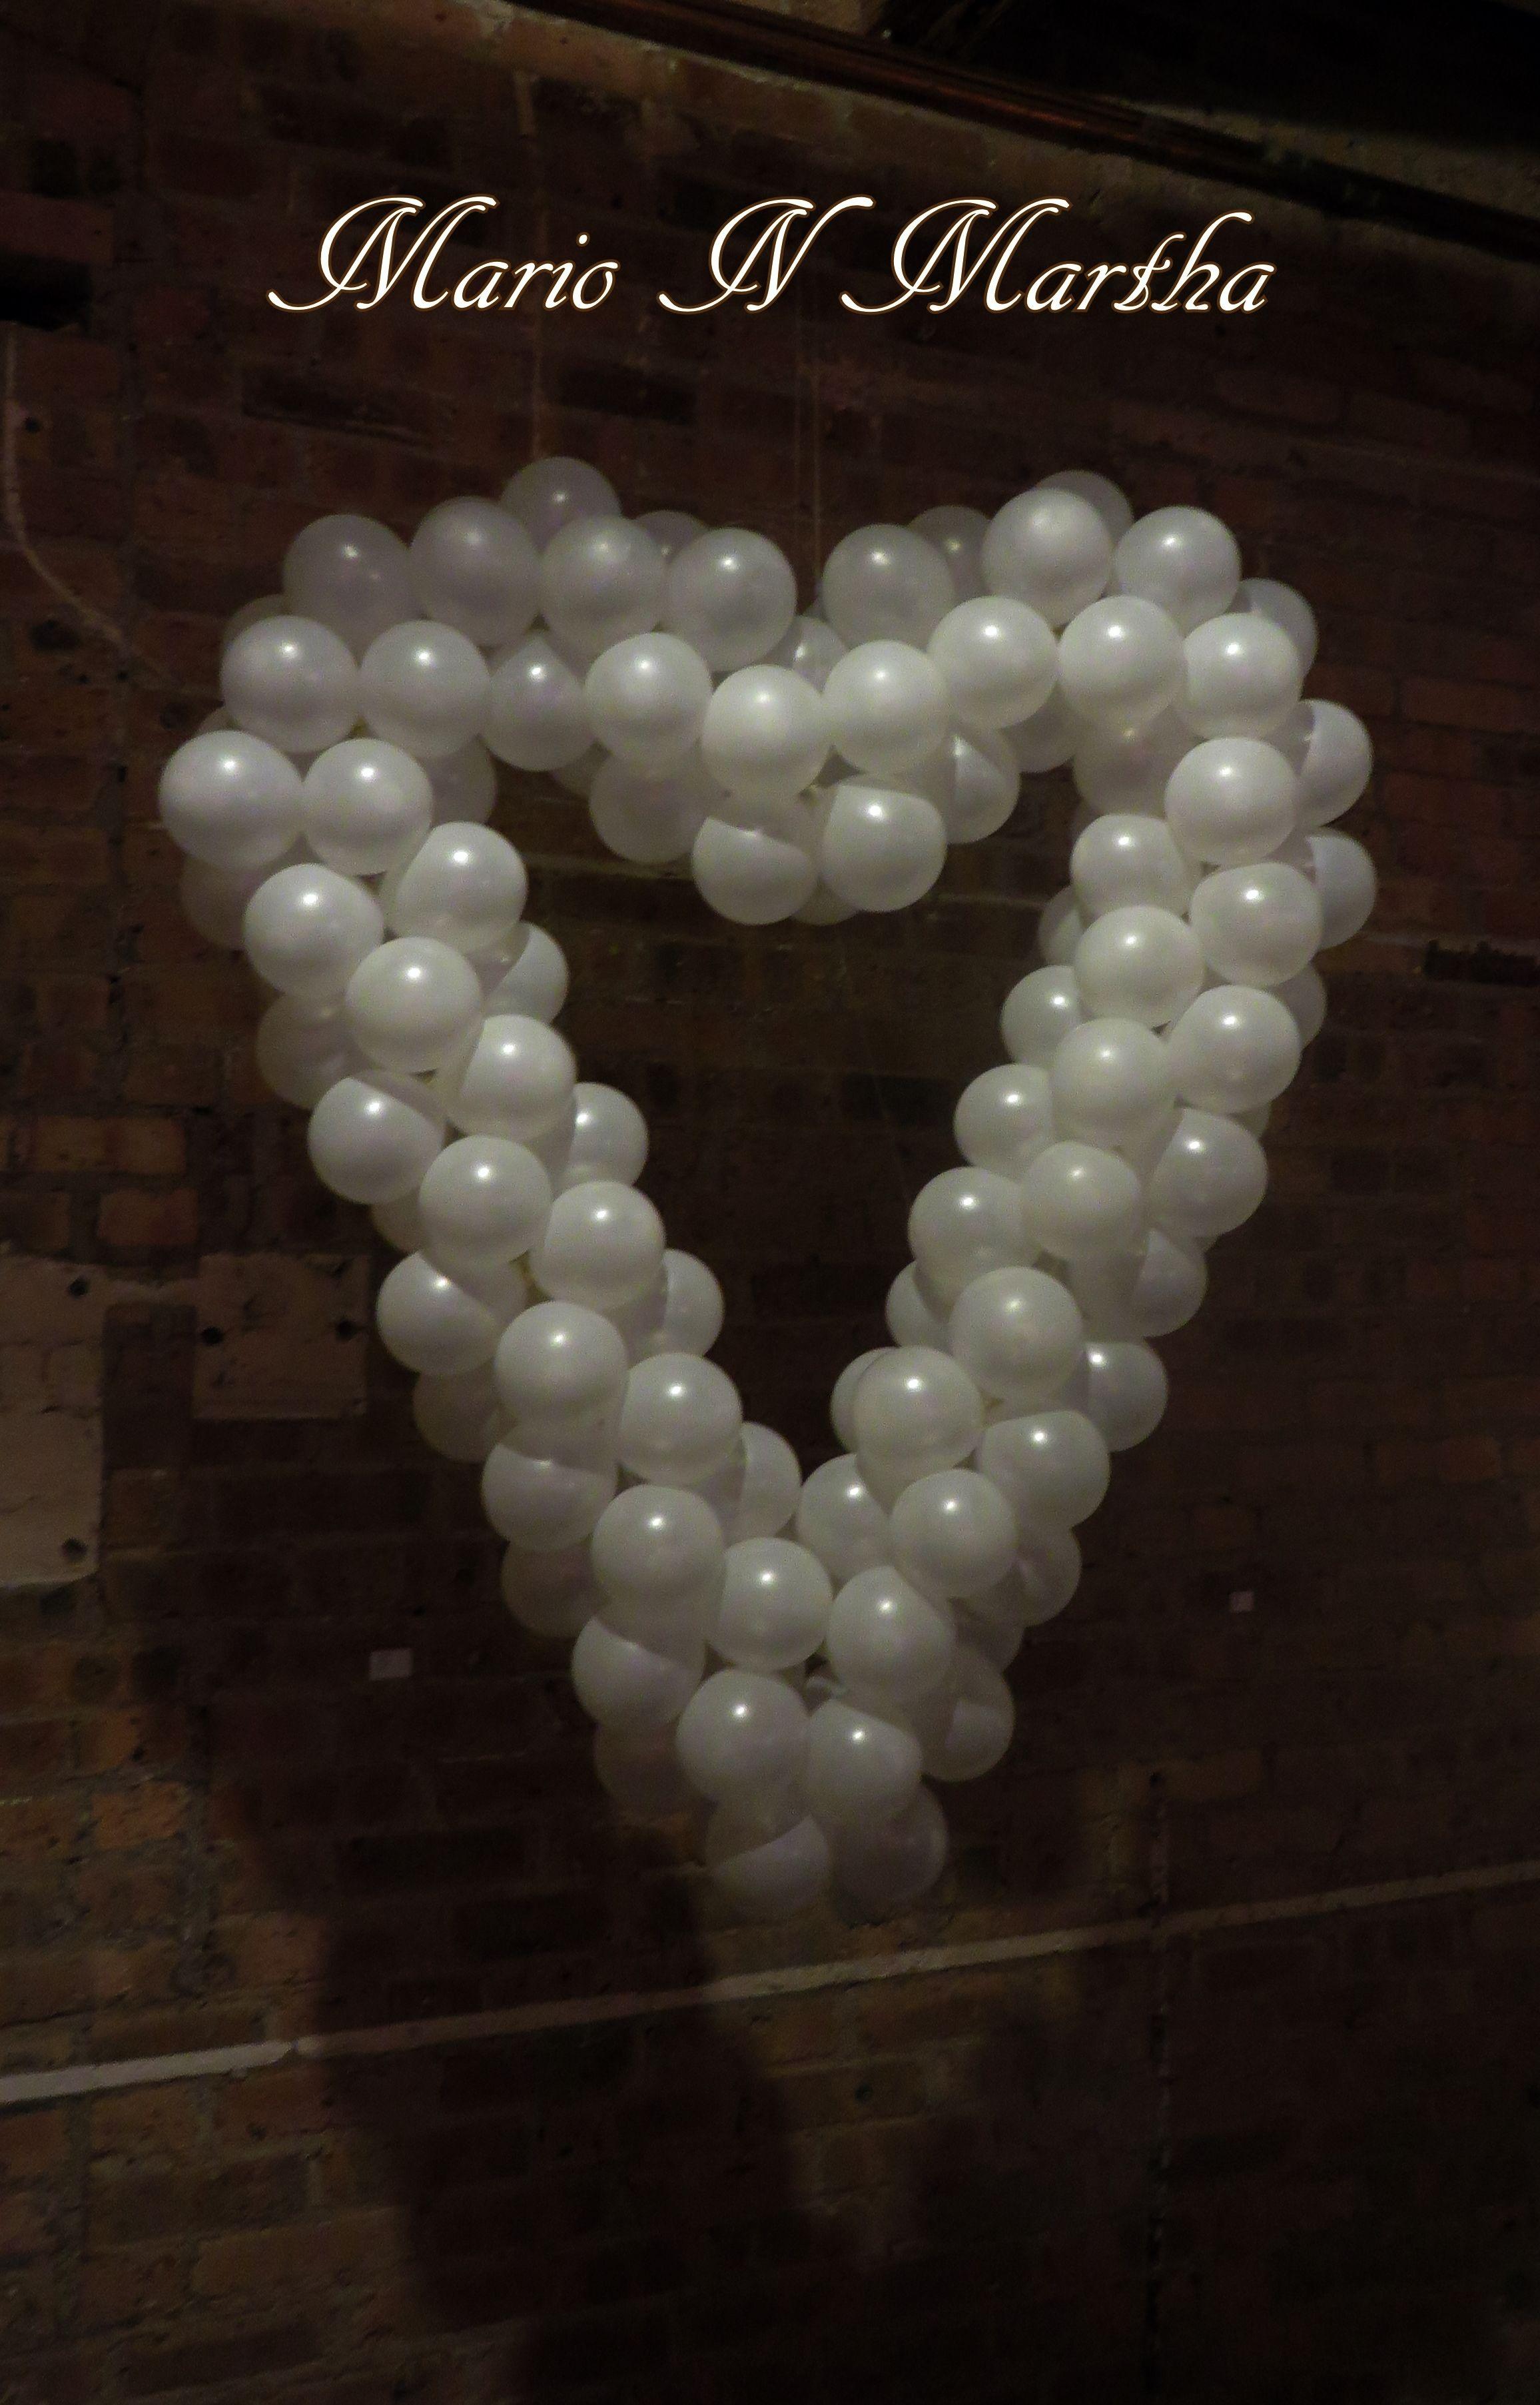 Balloon Heart Sculpture